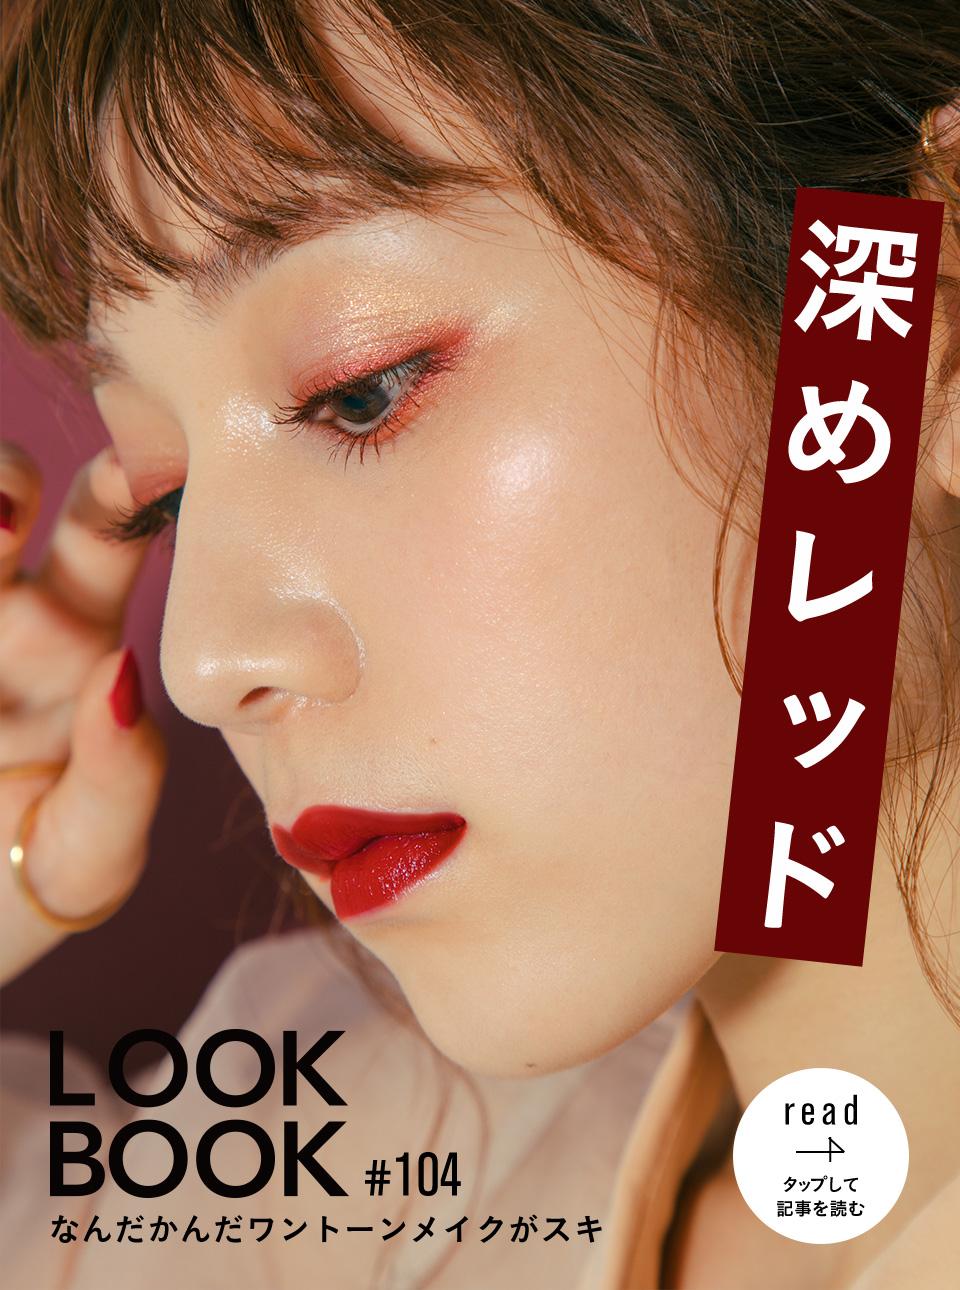 LOOKBOOK104